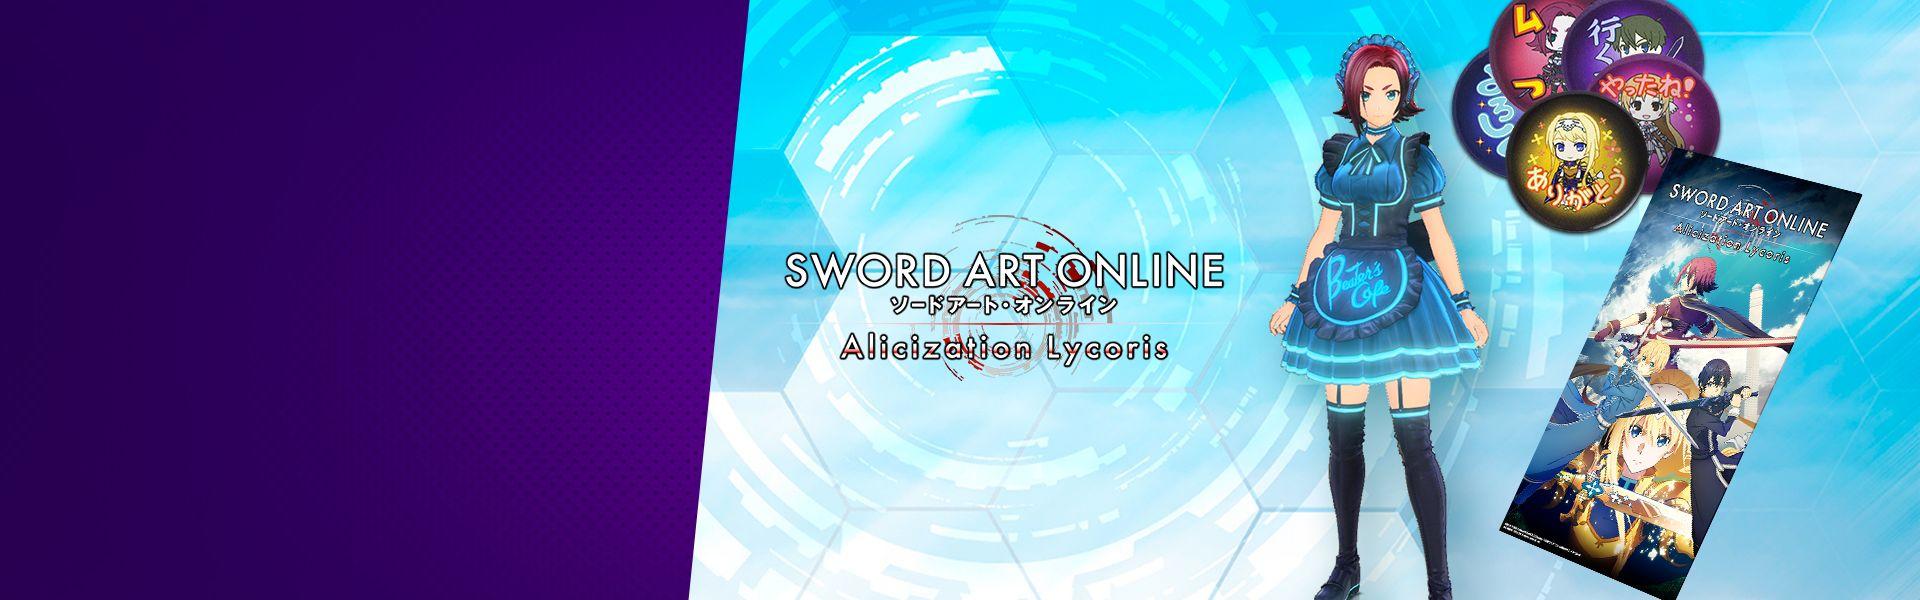 Fan of Sword Art Online?